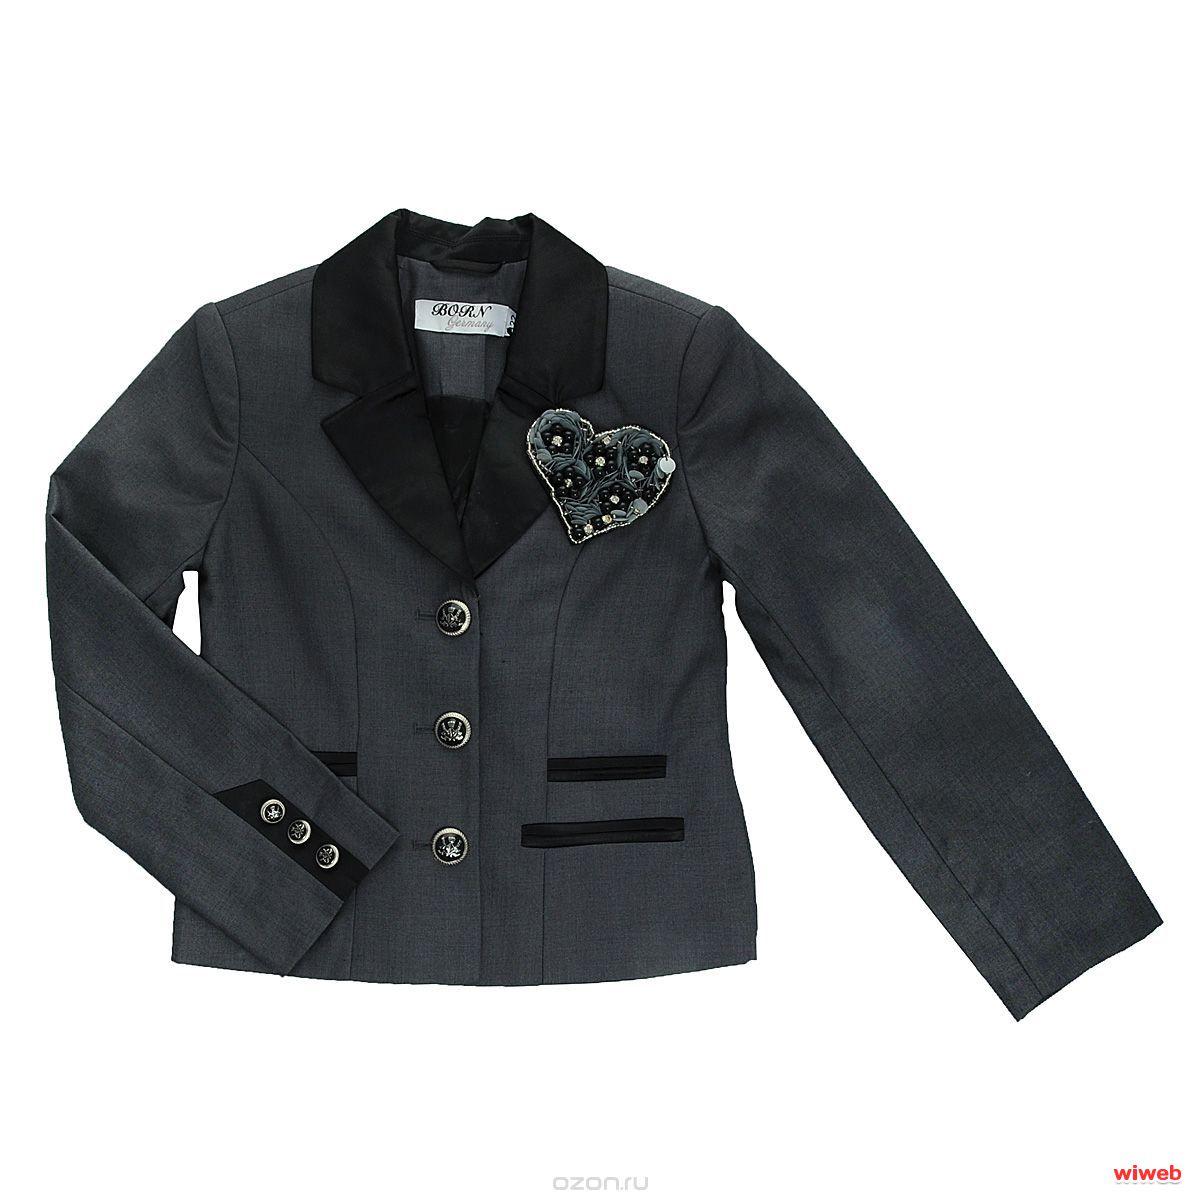 Сбор заказов. Вау! Скидки 50%! Распродажа школьной коллекции от Born-8! Цены в клочья! Пиджаки, костюмы, блузки, юбки